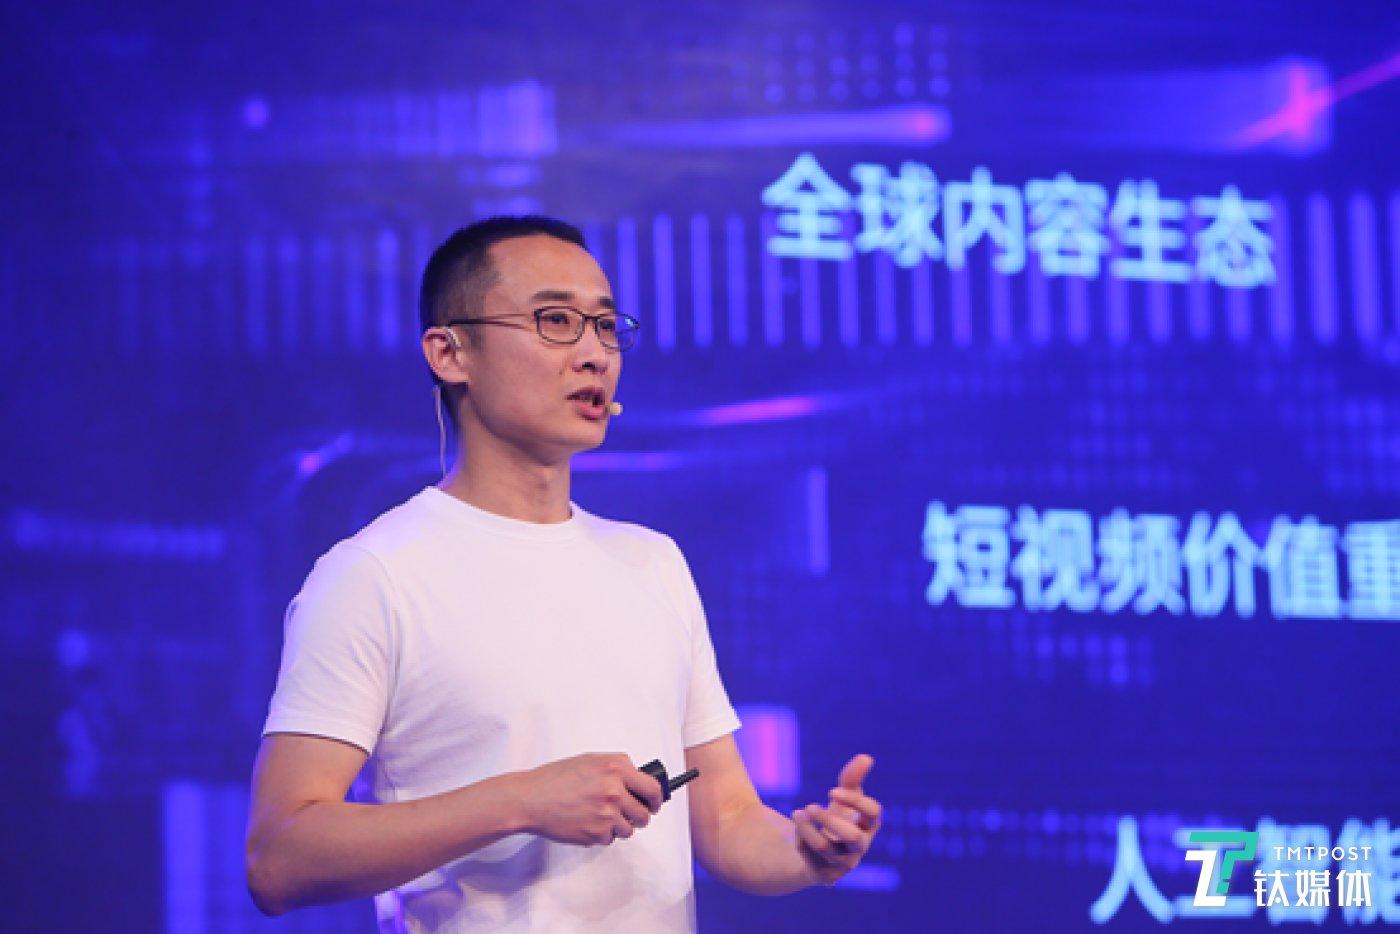 中译语通文娱董事长王晓东